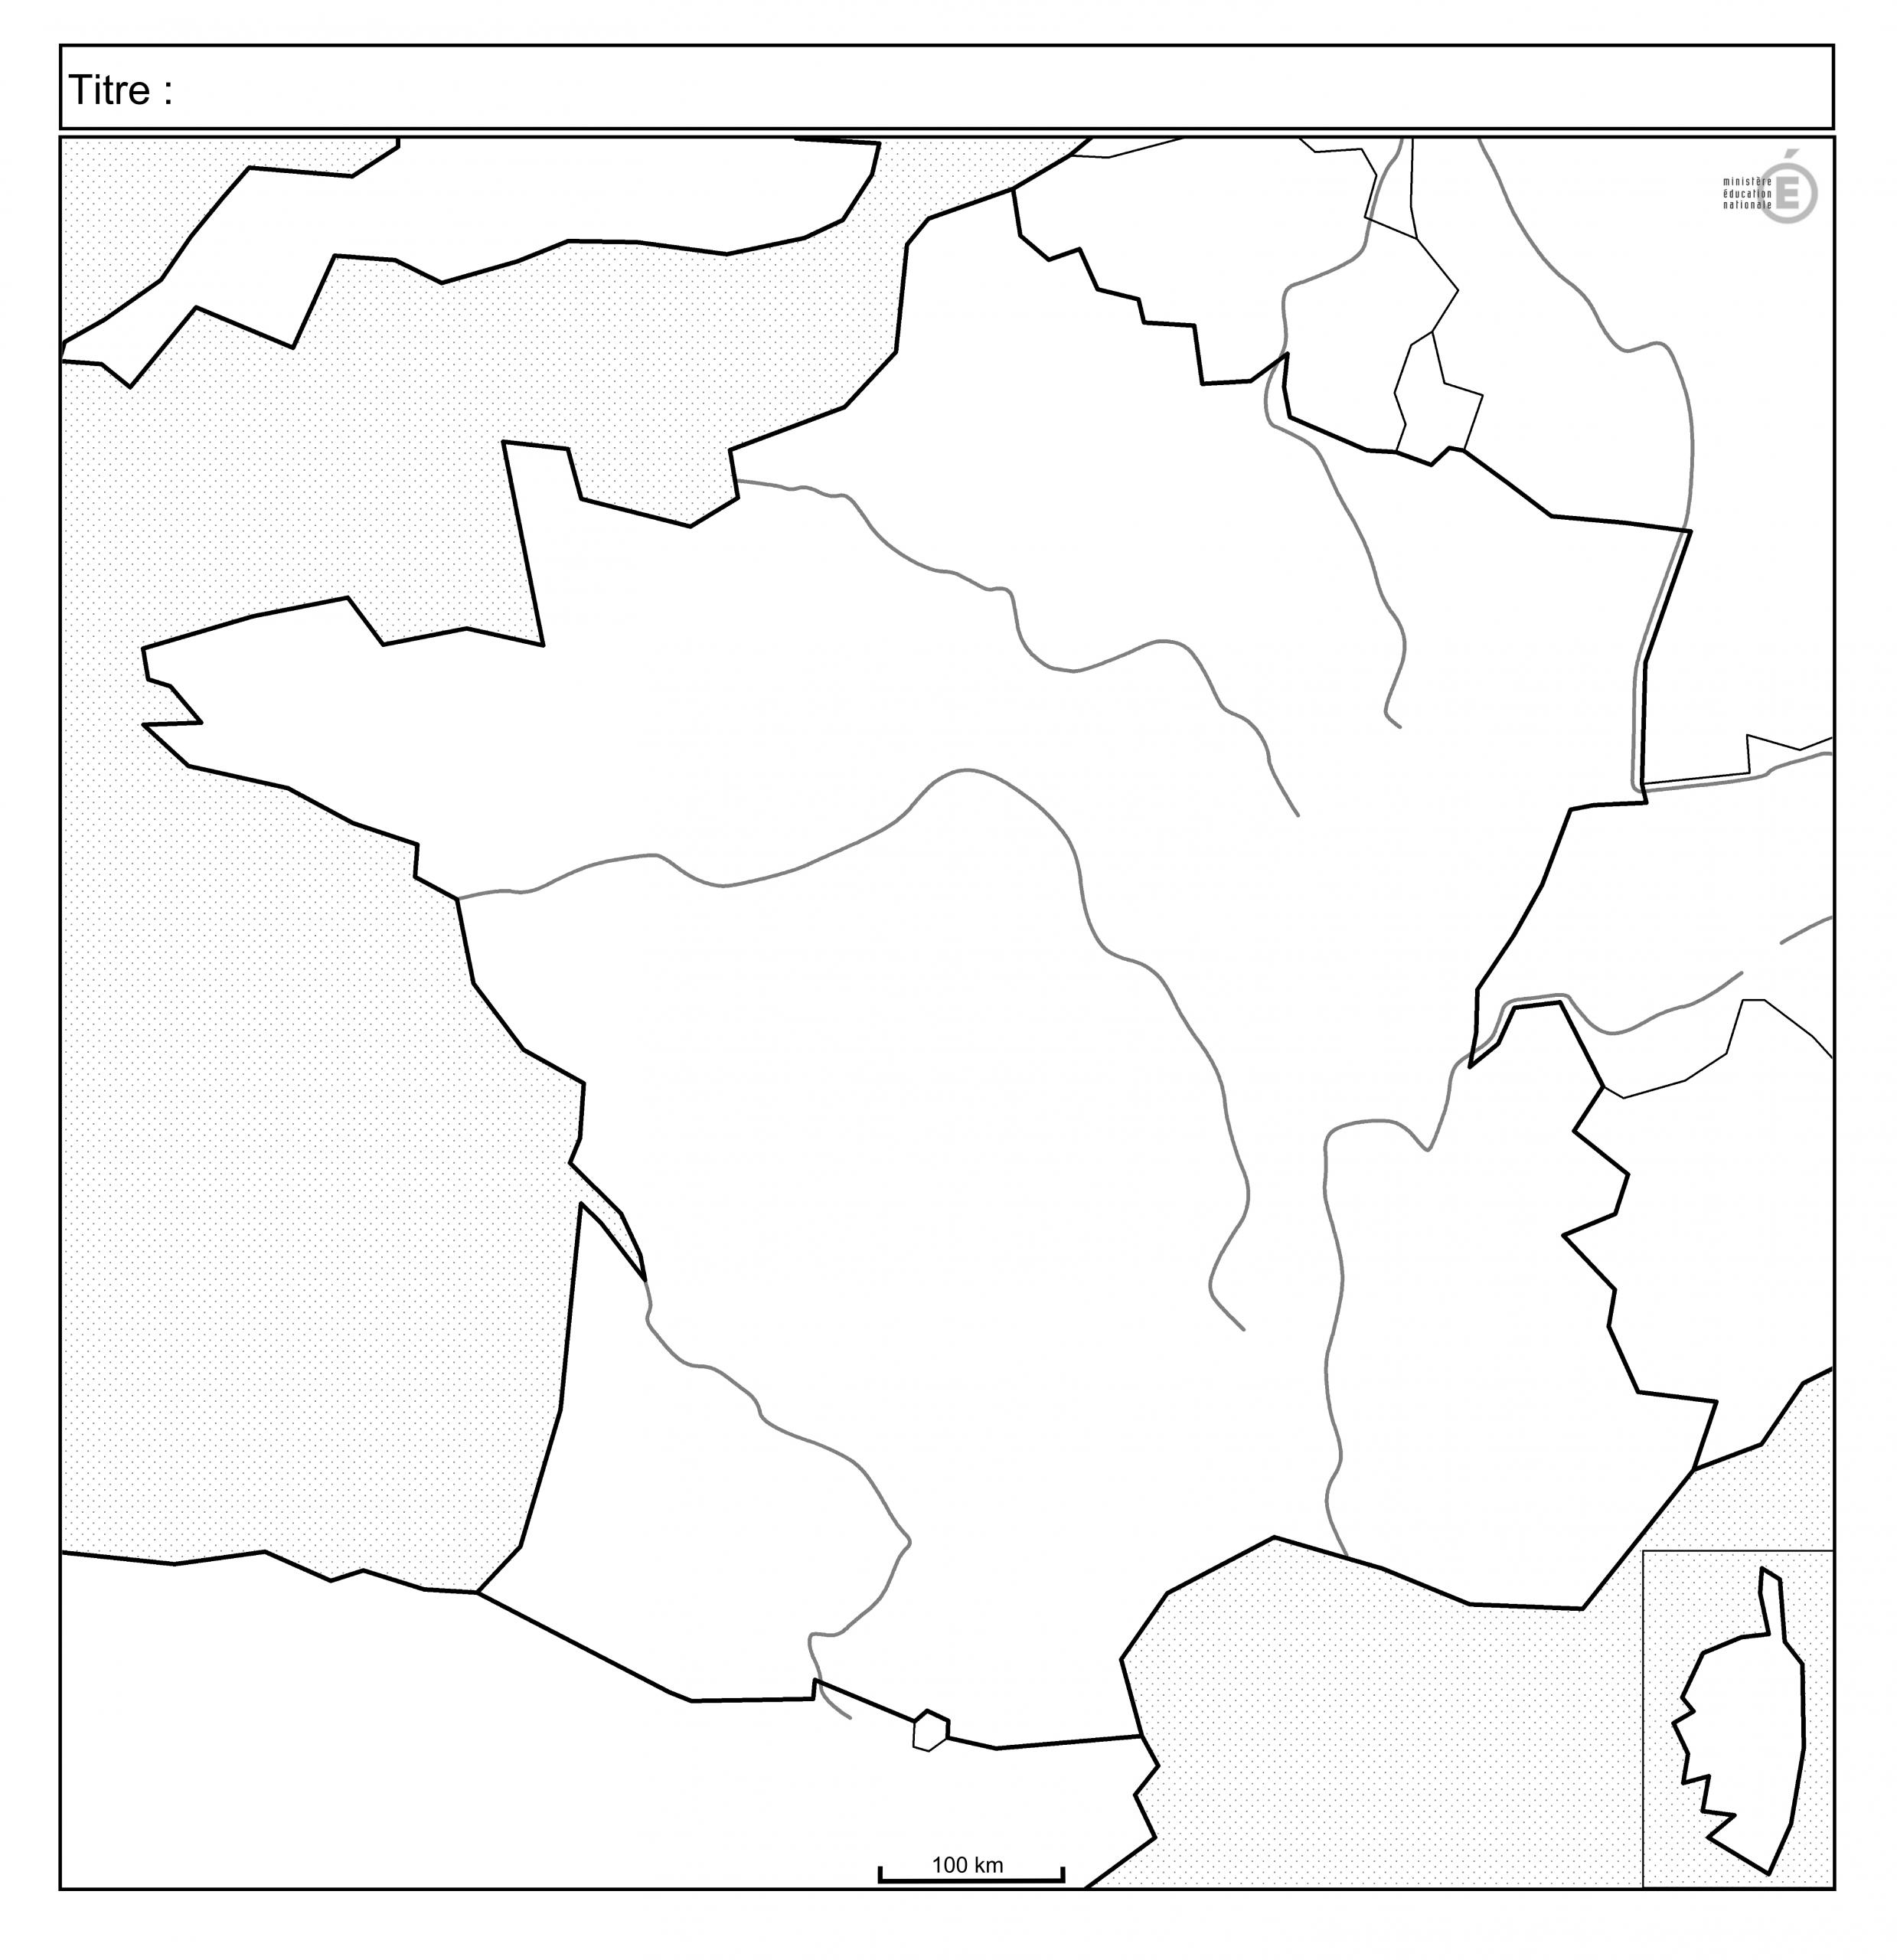 Fonds De Carte - Histoire-Géographie - Éduscol dedans Carte De France Nouvelles Régions